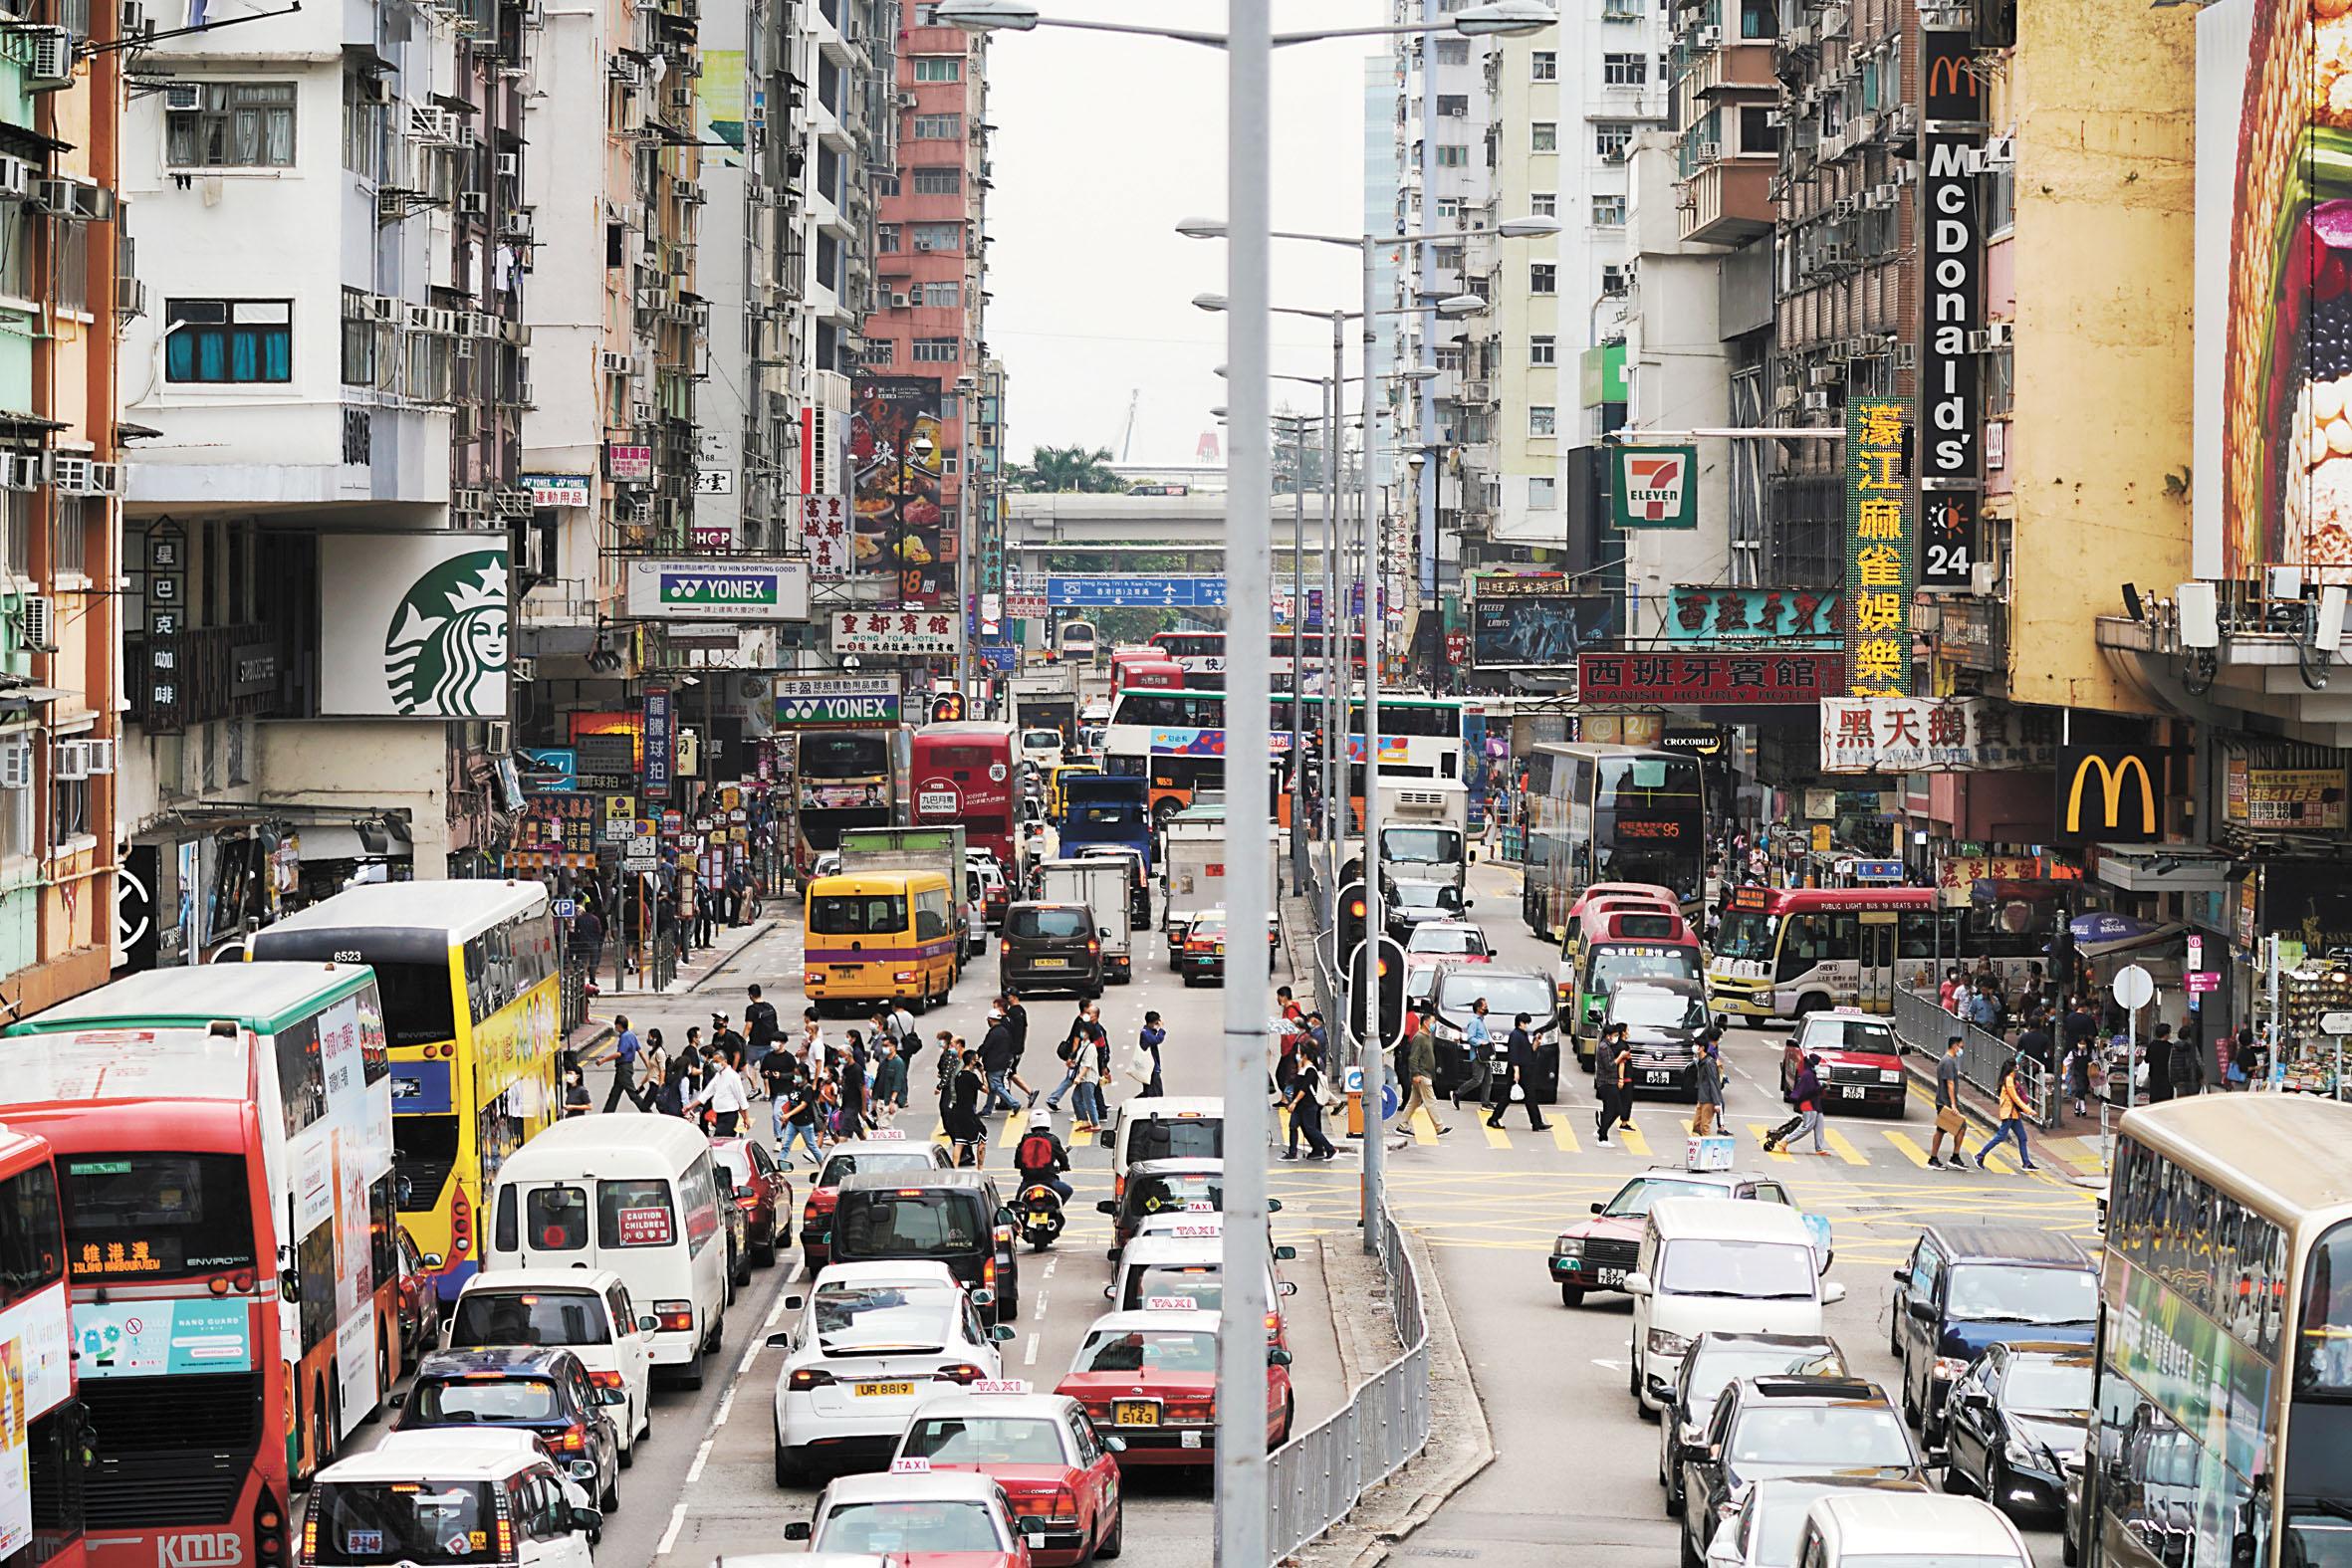 英國政府向國會提交香港半年報告書,指中國自今年6月起兩次違反《中英聯合聲明》。圖為香港街景。路透社資料圖片